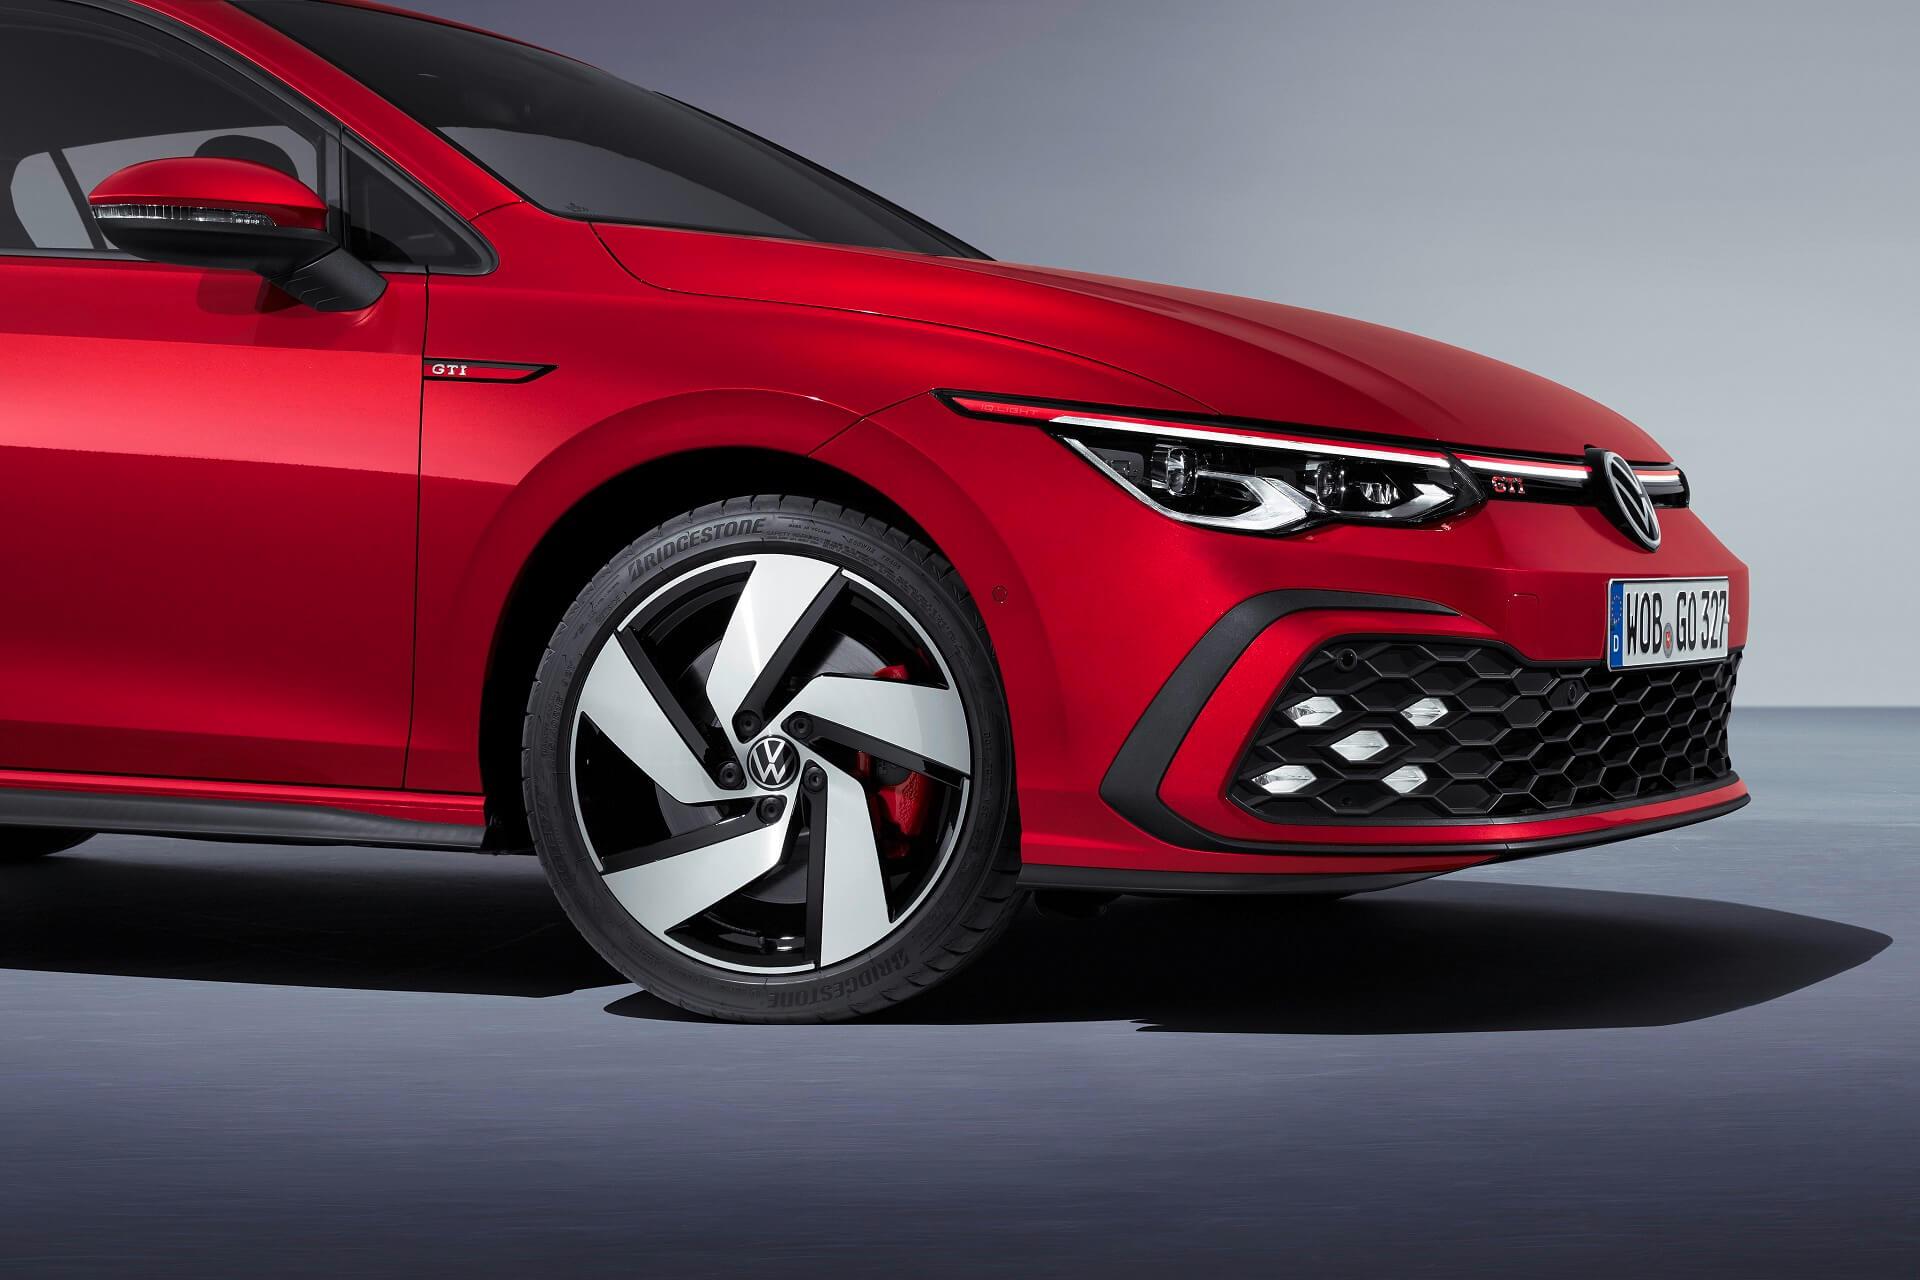 Νέο Volkswagen Golf GTI - Εμπρός πλάγια όψη